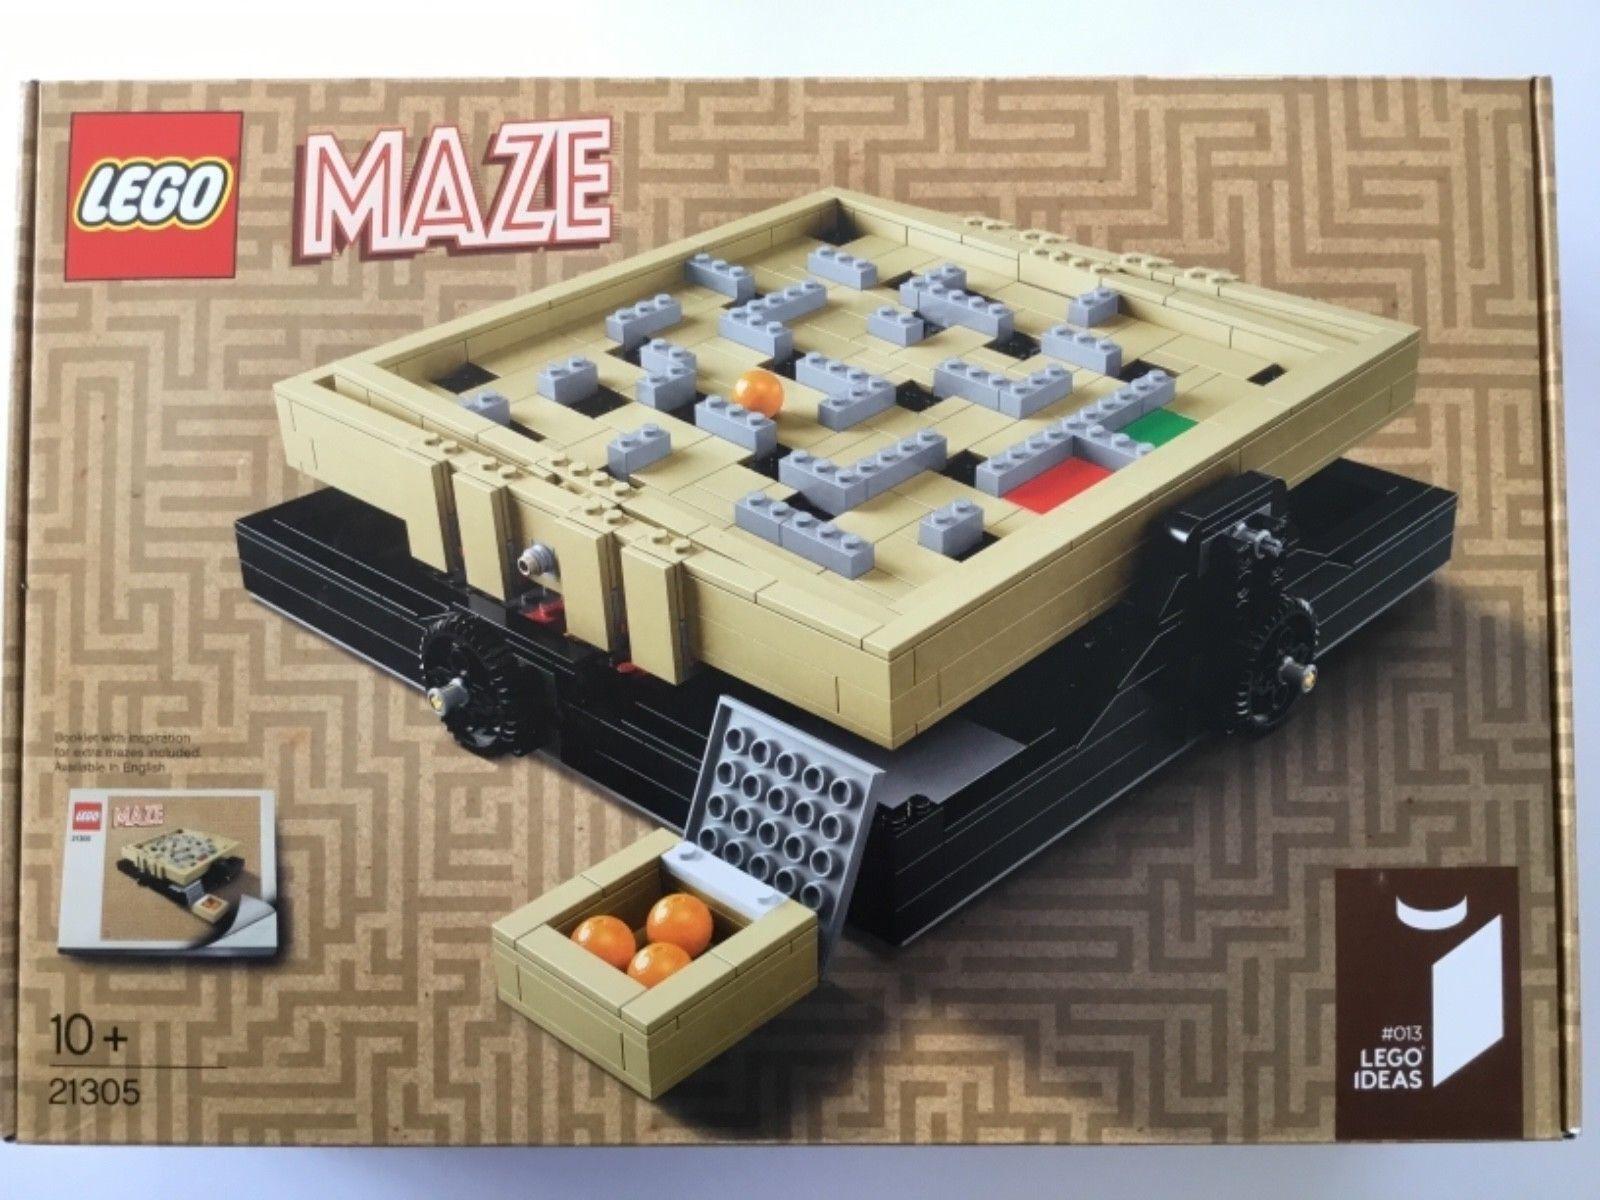 Lego Ideas 21305 - Maze Labyrint - NEU OVP